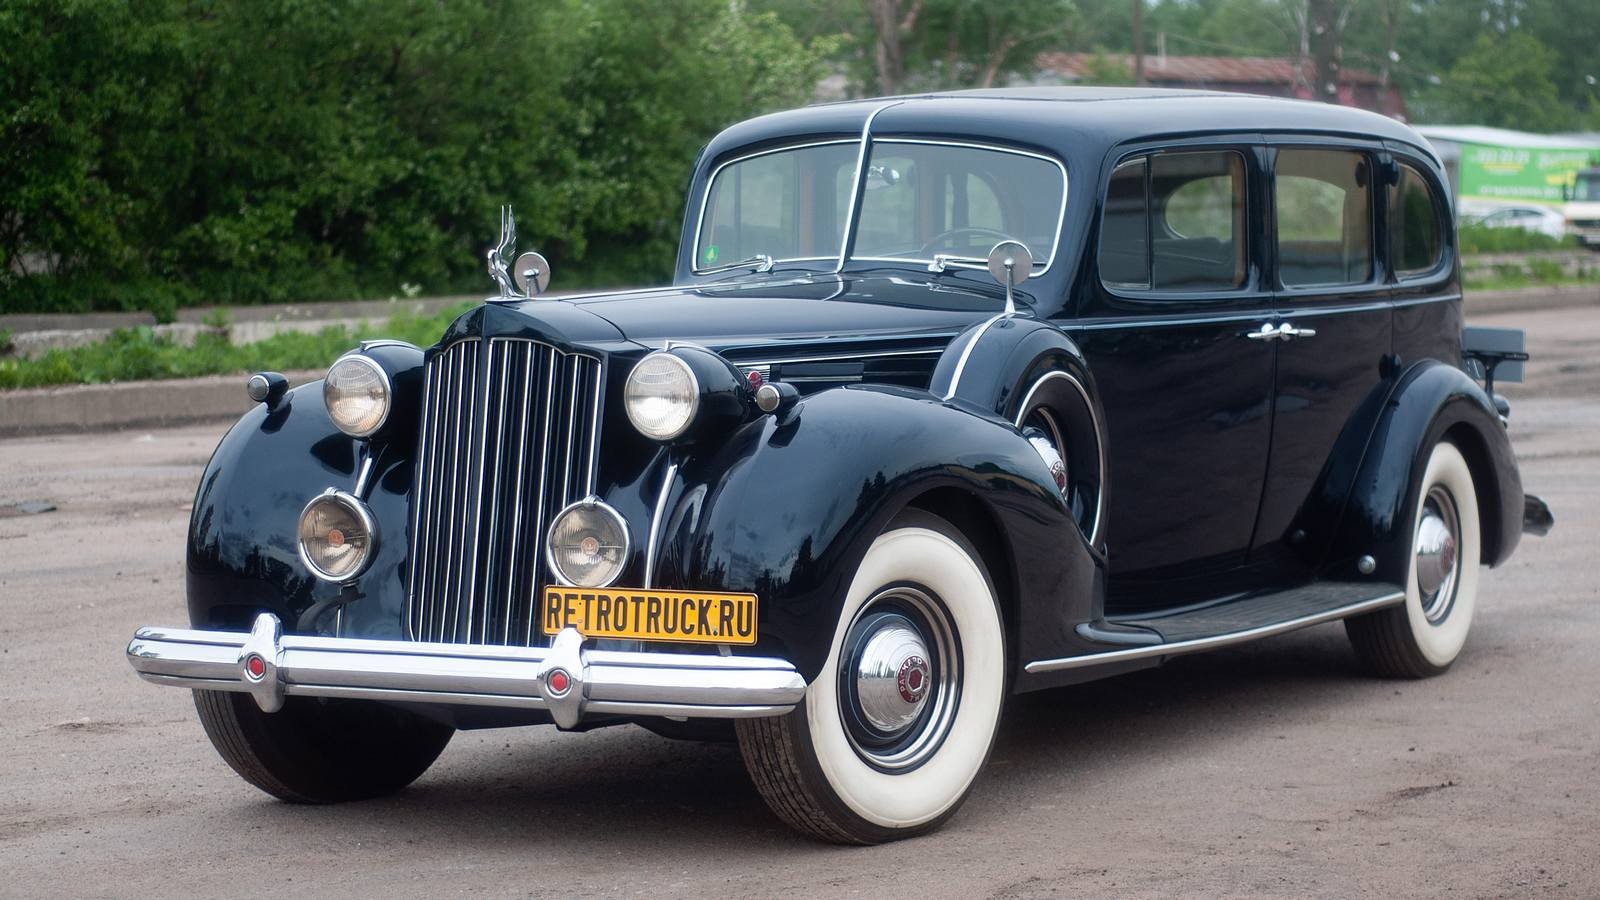 """Зато Packard умел делать дорогие машины. Взгляните на этого восьмидесятилетнего старичка. Вот как вы думаете, сколько у него лошадиных сил? 60? 90? 120? Да как бы ни так. У этой машины под капотом целых 205 """"лошадок"""" при 8,2 литрах объёма… И 205 л.с. для 1939 года - это очень много. Да что там для 1939 - сейчас это тоже неплохая мощность. Правда, и весит машина около трёх тонн. Для объёмности картины поясним, что в 1932 году, когда этот мотор только появился, он развивал всего 160 л.с. при объёме 7,3 л. И его дважды просто """"расточили"""", увеличивая объём. Первый раз - в 1936 году до 7,8 л, второй раз - в 1939 до нынешних 8,2 л.У мотора есть и свои недостатки. Например, регулировка клапанов тут - это не для слабых духом. Нужно снять коллекторы, головки… А на одной """"голове"""" только болтов больше 20 штук. Зачем-то хромированных. Да и вообще настройка этого мотора - процесс сложный. Несмотря даже на скромность, выражающуюся в количестве карбюраторов - тут всего один Stromberg. Впрочем, есть некоторые другие технические изыски.Посмотрите, например, на жалюзи радиатора. Они управляются термостатом: при нагреве механическая тяга их открывает, а когда охлаждающая жидкость (в Америке в это время она уже появилась) остывает, тяга их закрывает. Просто и интеллигентно.Ну, а в остальном тут стоит смотреть на детали. Подсветка подножек, пепельницы с деревянными накладками, опоры для ног, которые сзади можно вытянуть полностью, кармашки для мелочи…Обратите внимание на красивое решение, которое позволило не сокращая объём багажника оставить много пространства задним пассажирам.видео из инстаграмаЧтобы меня не закидали помидорами за чрезмерное почитание американского автомобильного гения, я всё-таки придерусь к некоторым мелочам. Вот, например, крыша…видео из инстаграмаА ещё один серьёзный недостаток можно обнаружить за рулём."""